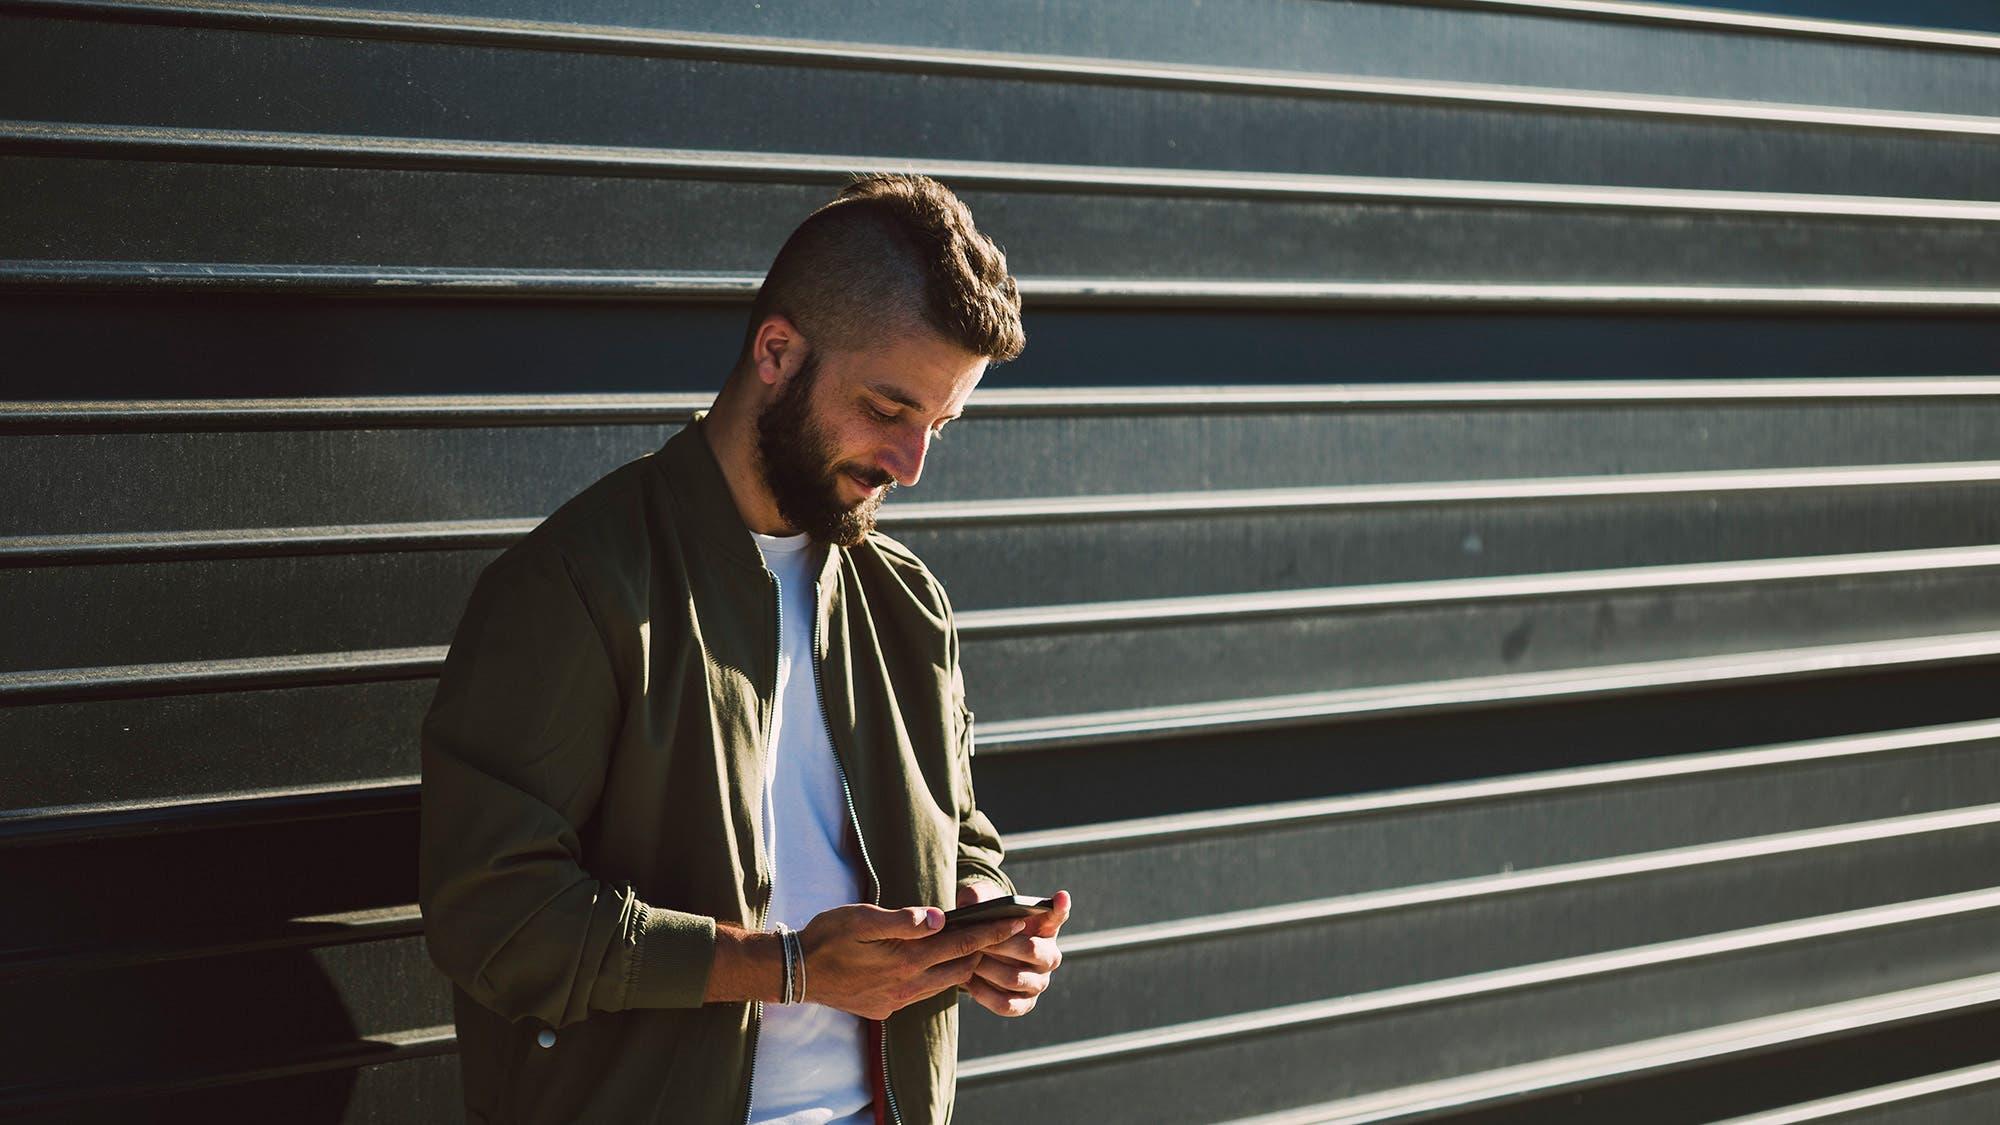 Un plan de telefonía móvil pensado para ahorrar y estar siempre conectados